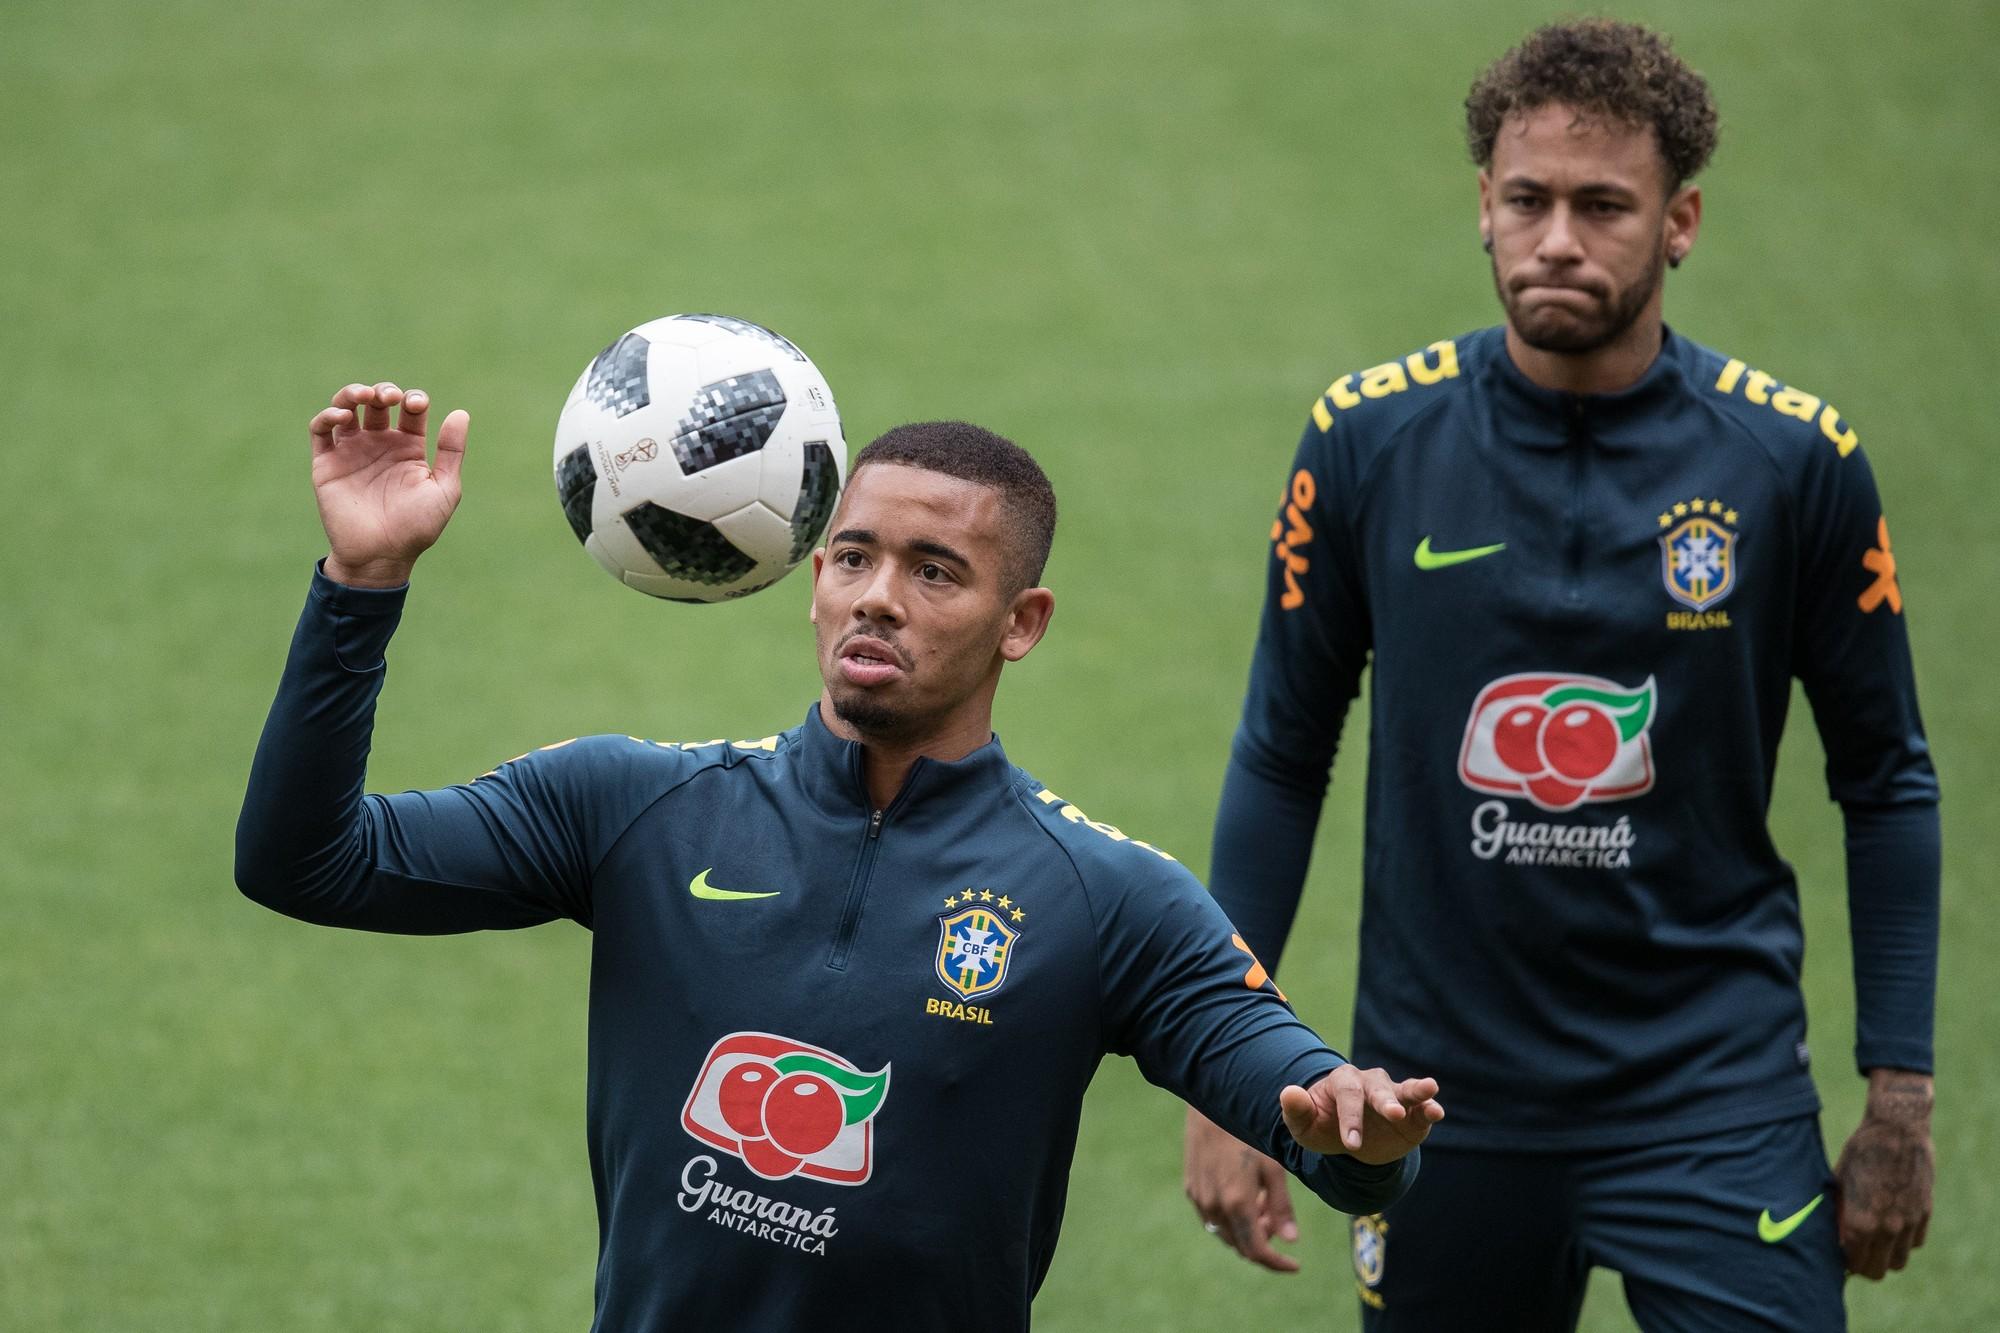 热苏斯将戴袖标,成为巴西近25年内最年轻队长